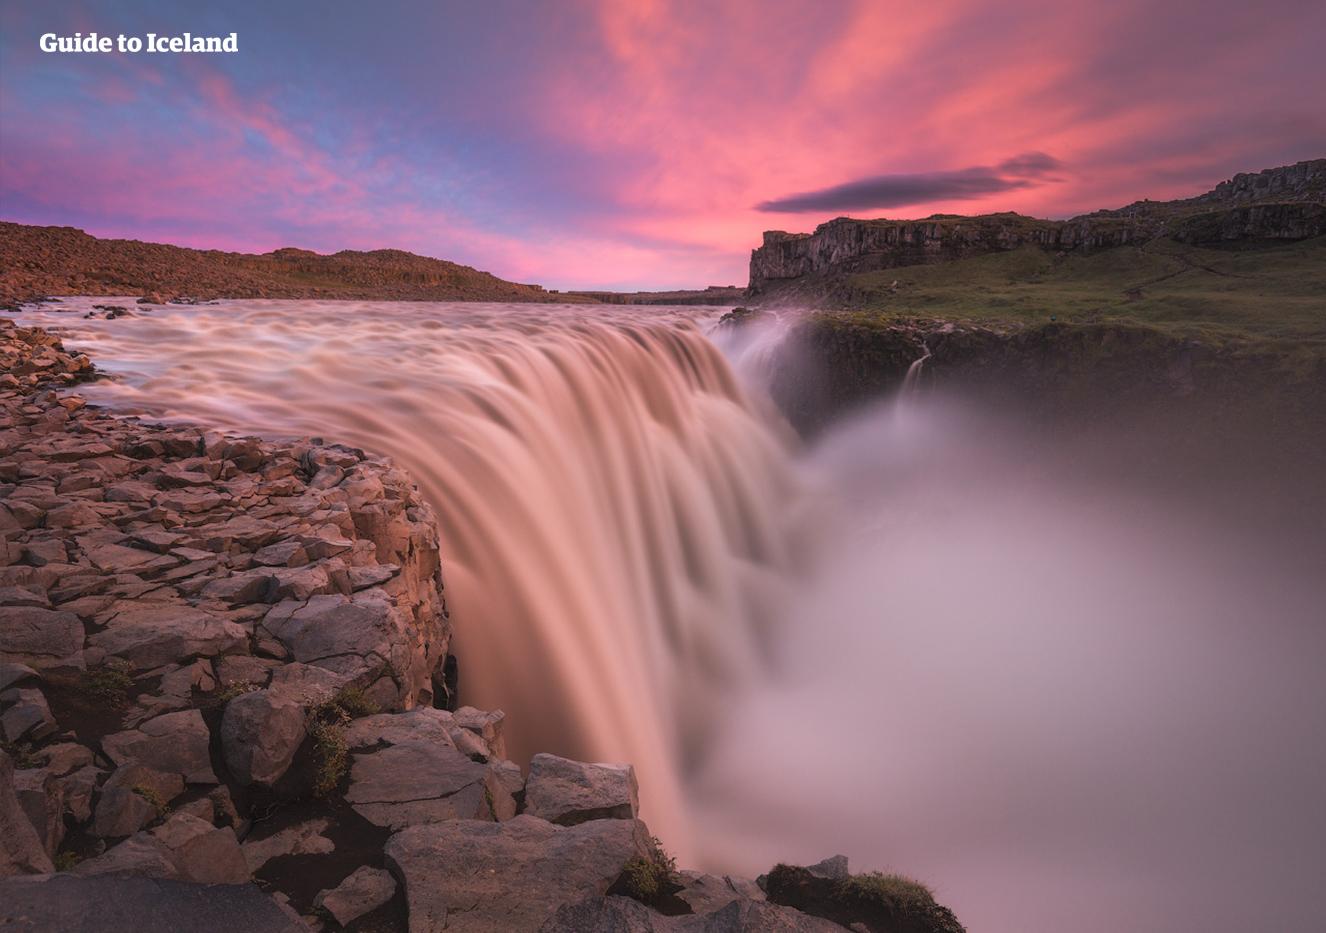 黛提瀑布是欧洲水力最大的瀑布